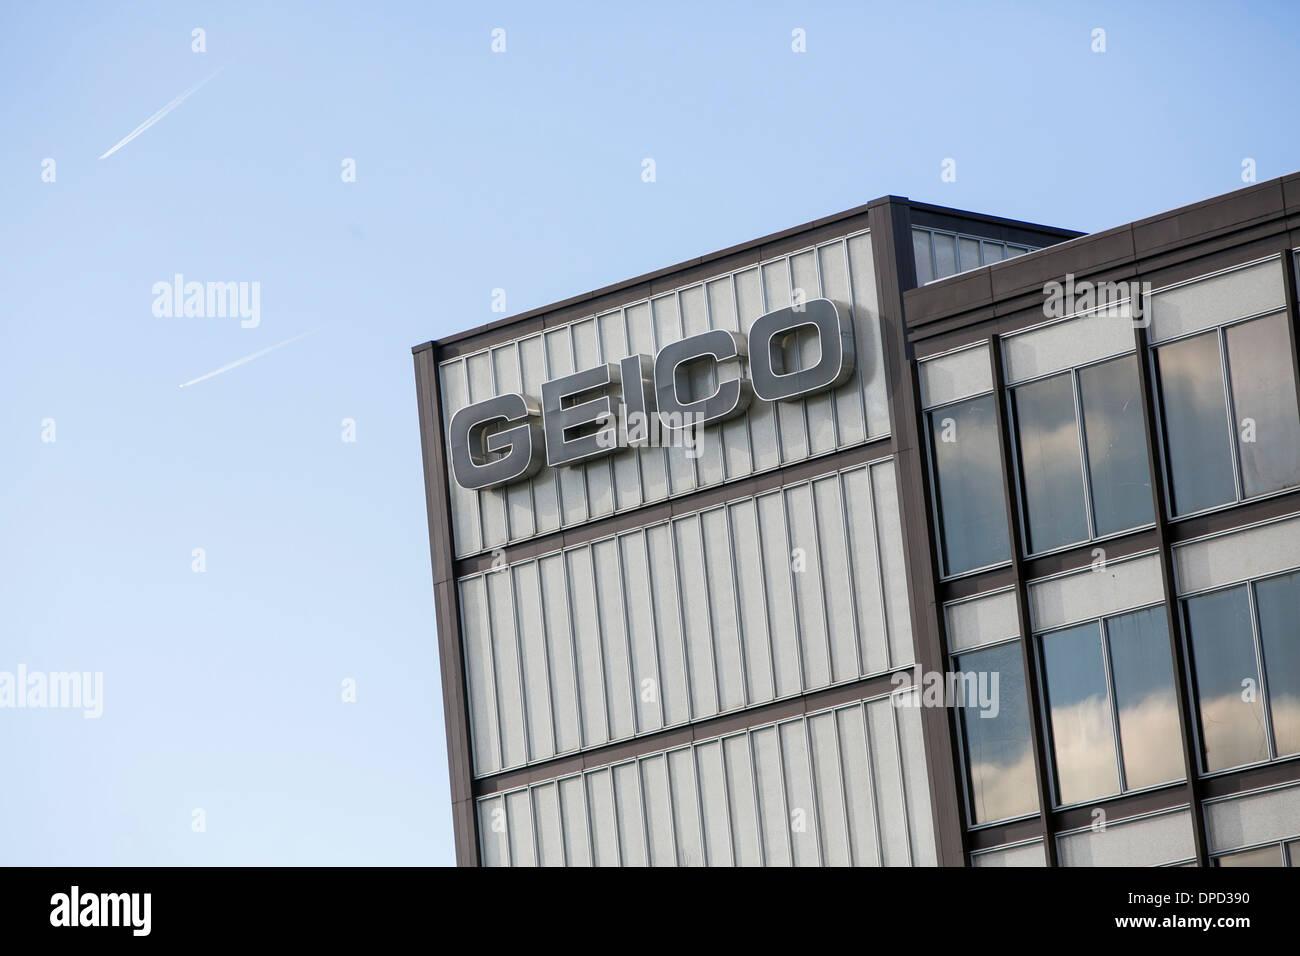 Die zentrale GEICO, auch bekannt als der Regierung Angestellten Versicherung in Chevy Chase, Maryland. Stockbild